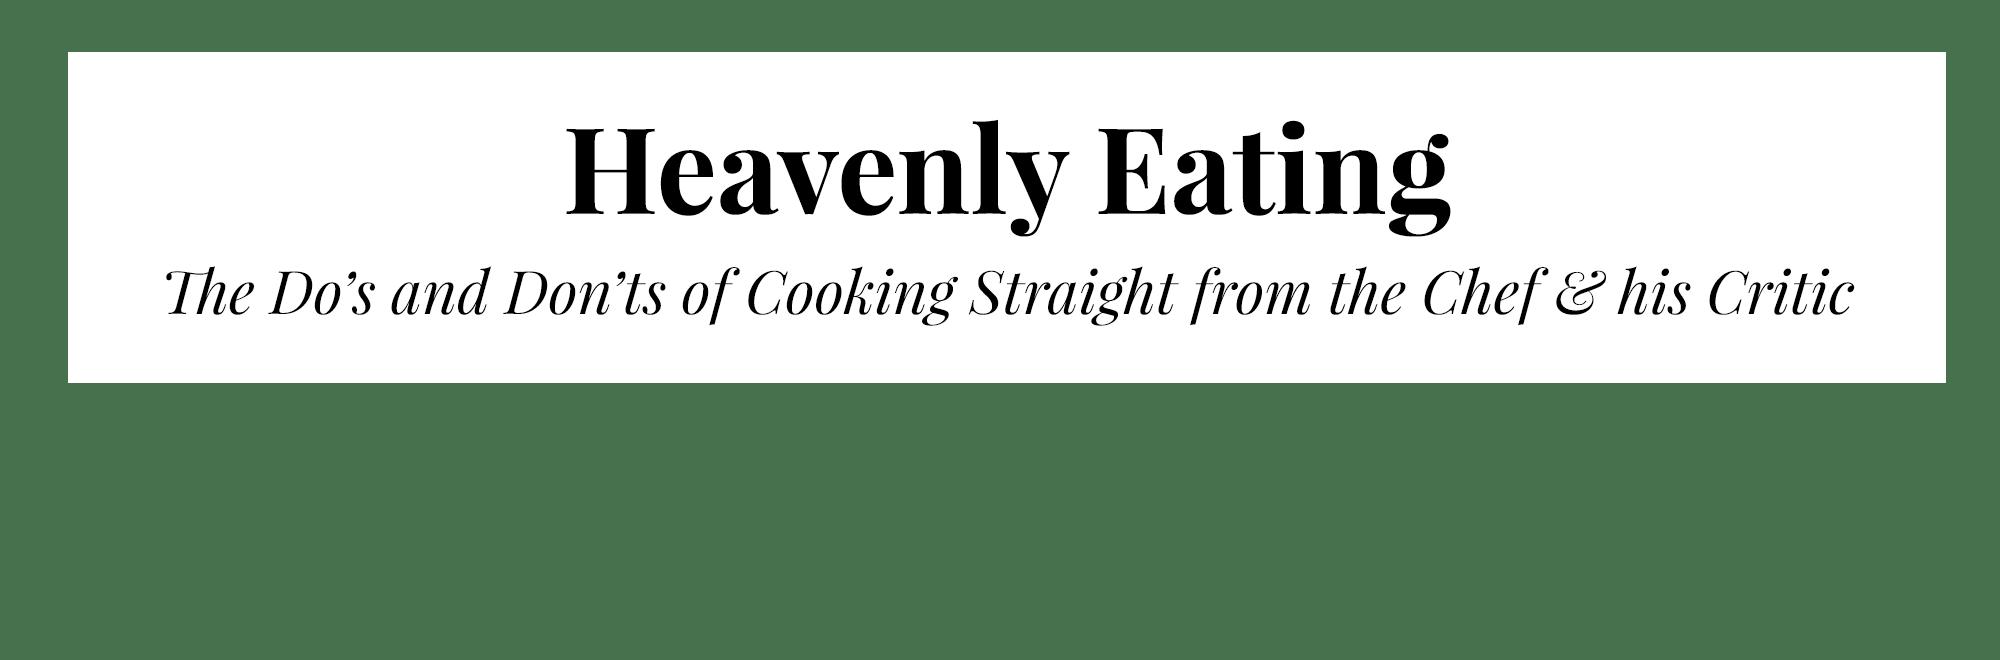 Heavenly Eating